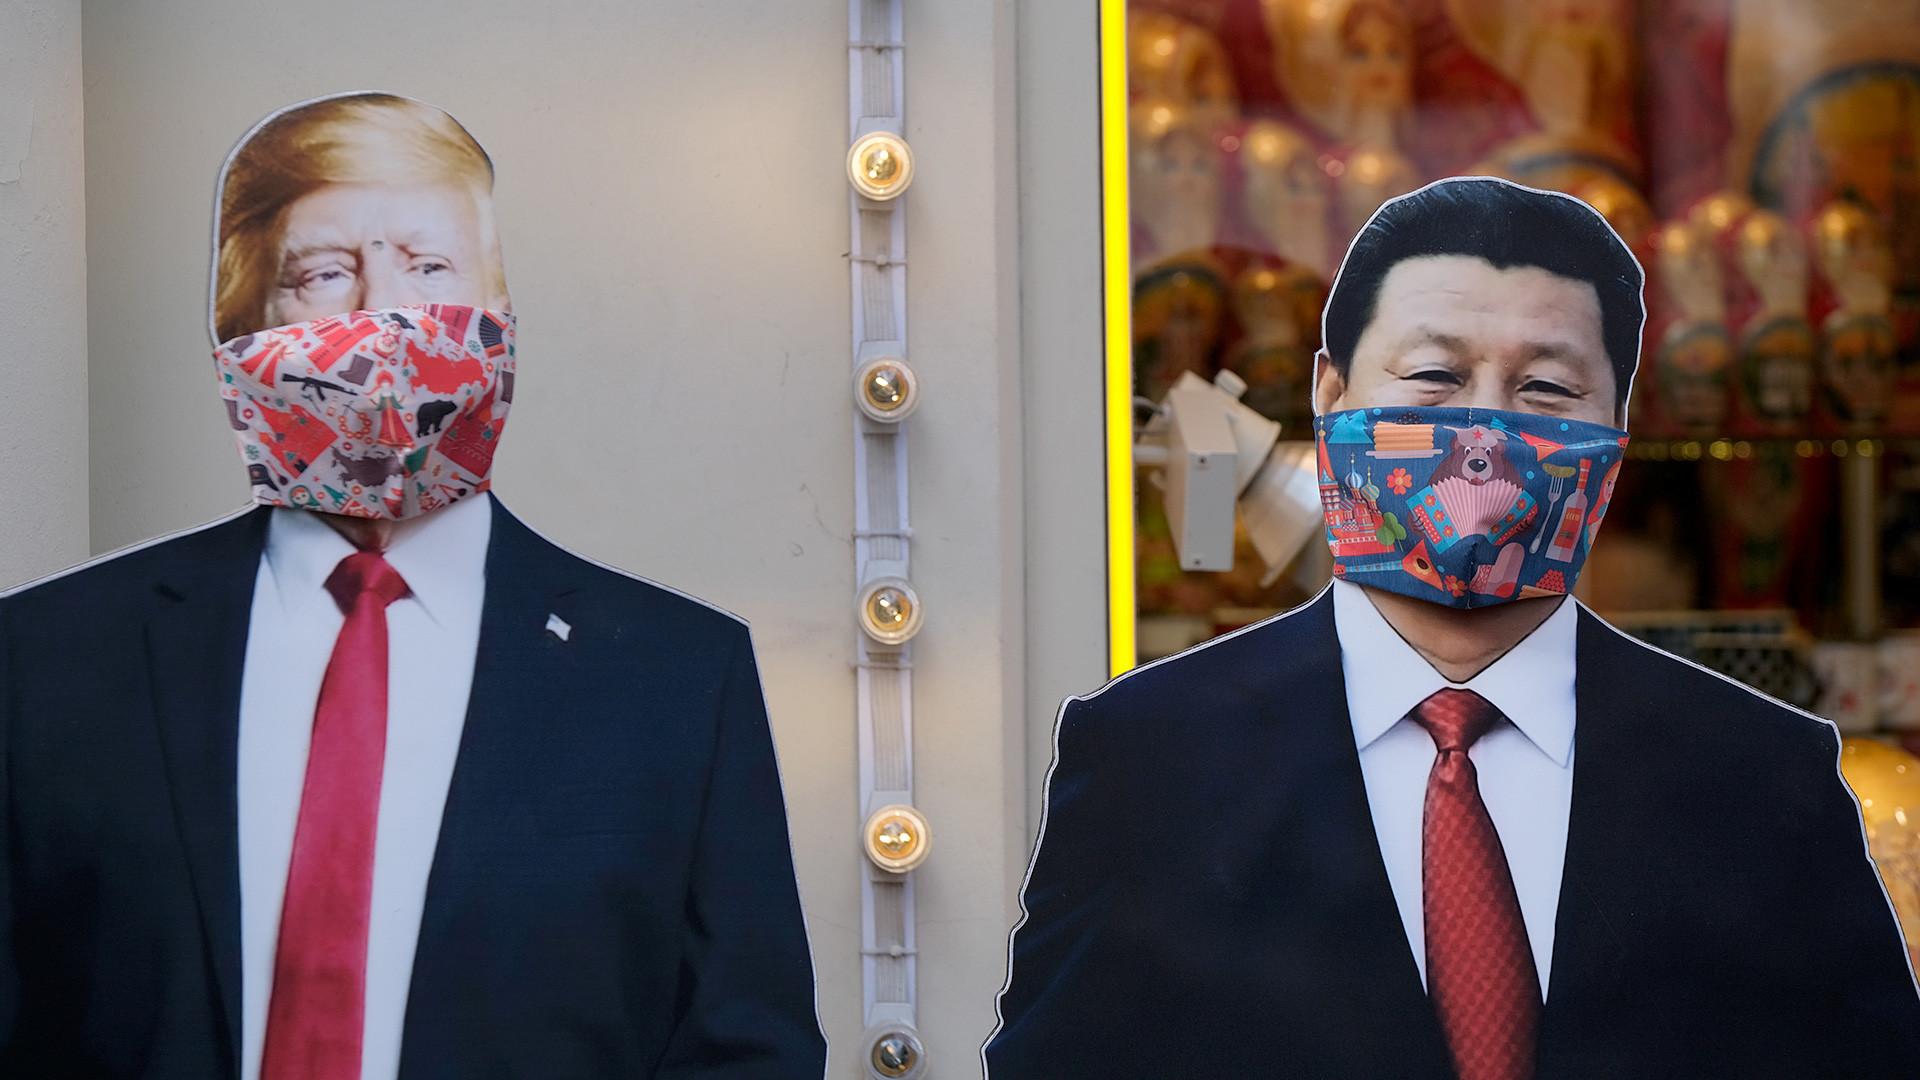 Displays de papelão com máscaras em loja de suvenires em Moscou